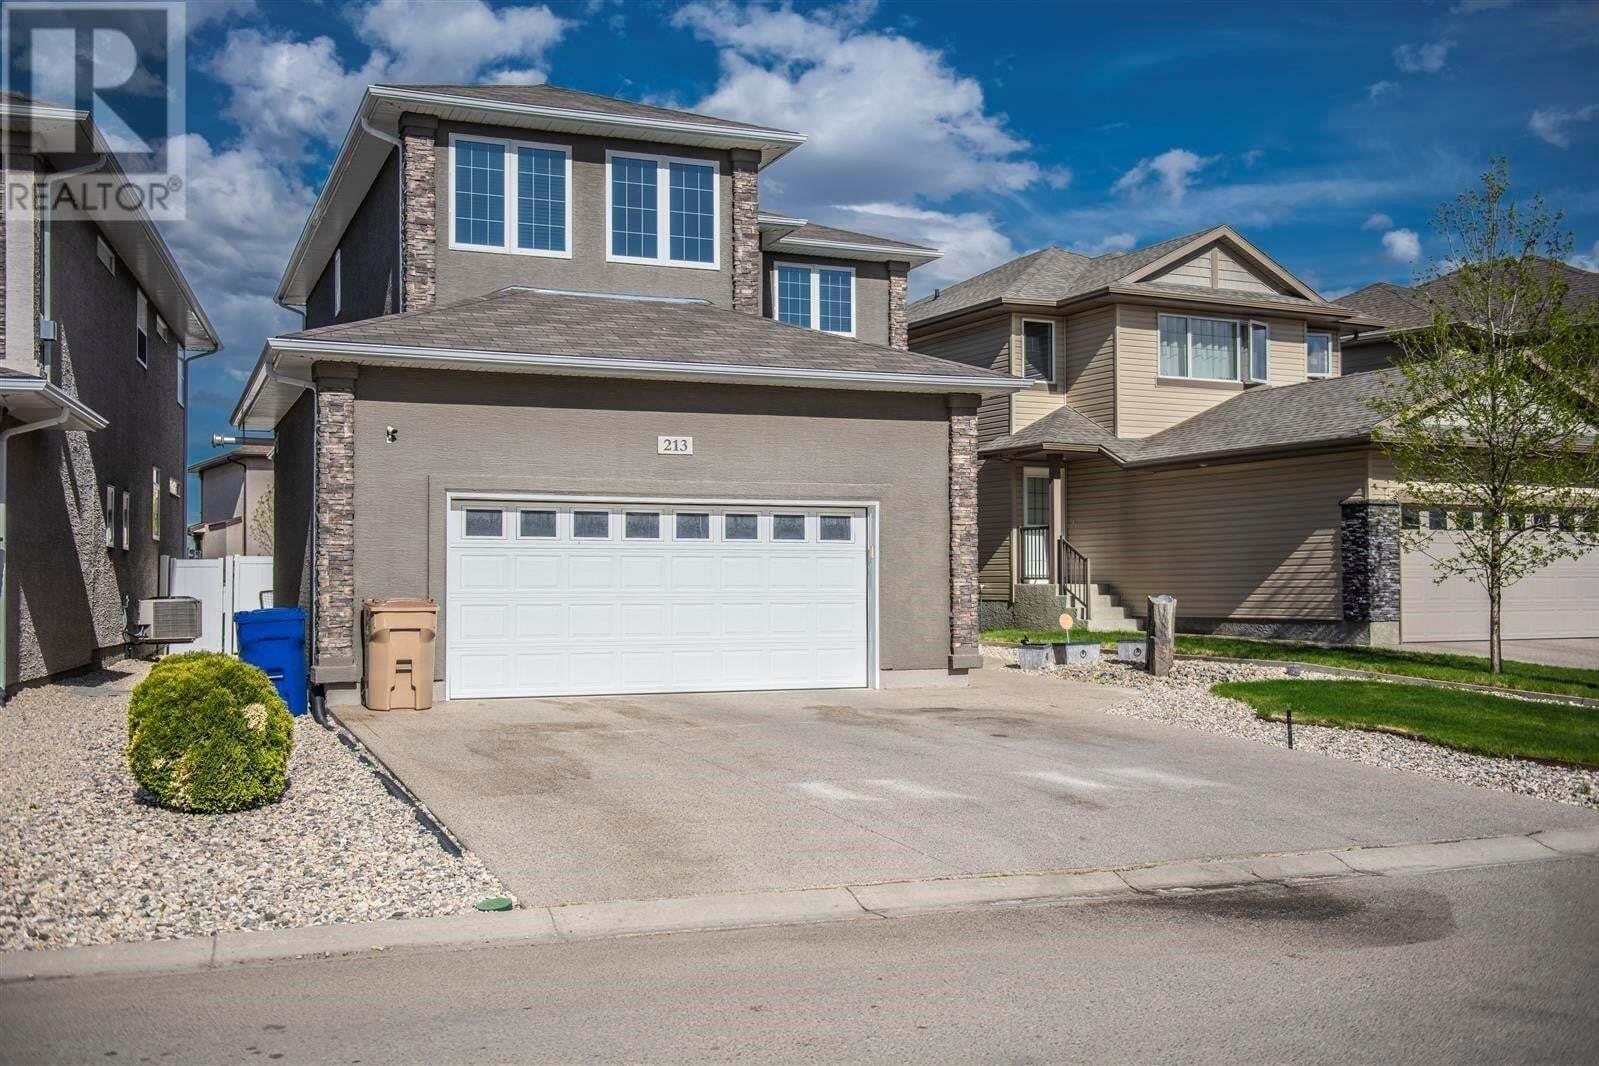 House for sale at 213 Brookview Dr Regina Saskatchewan - MLS: SK815089